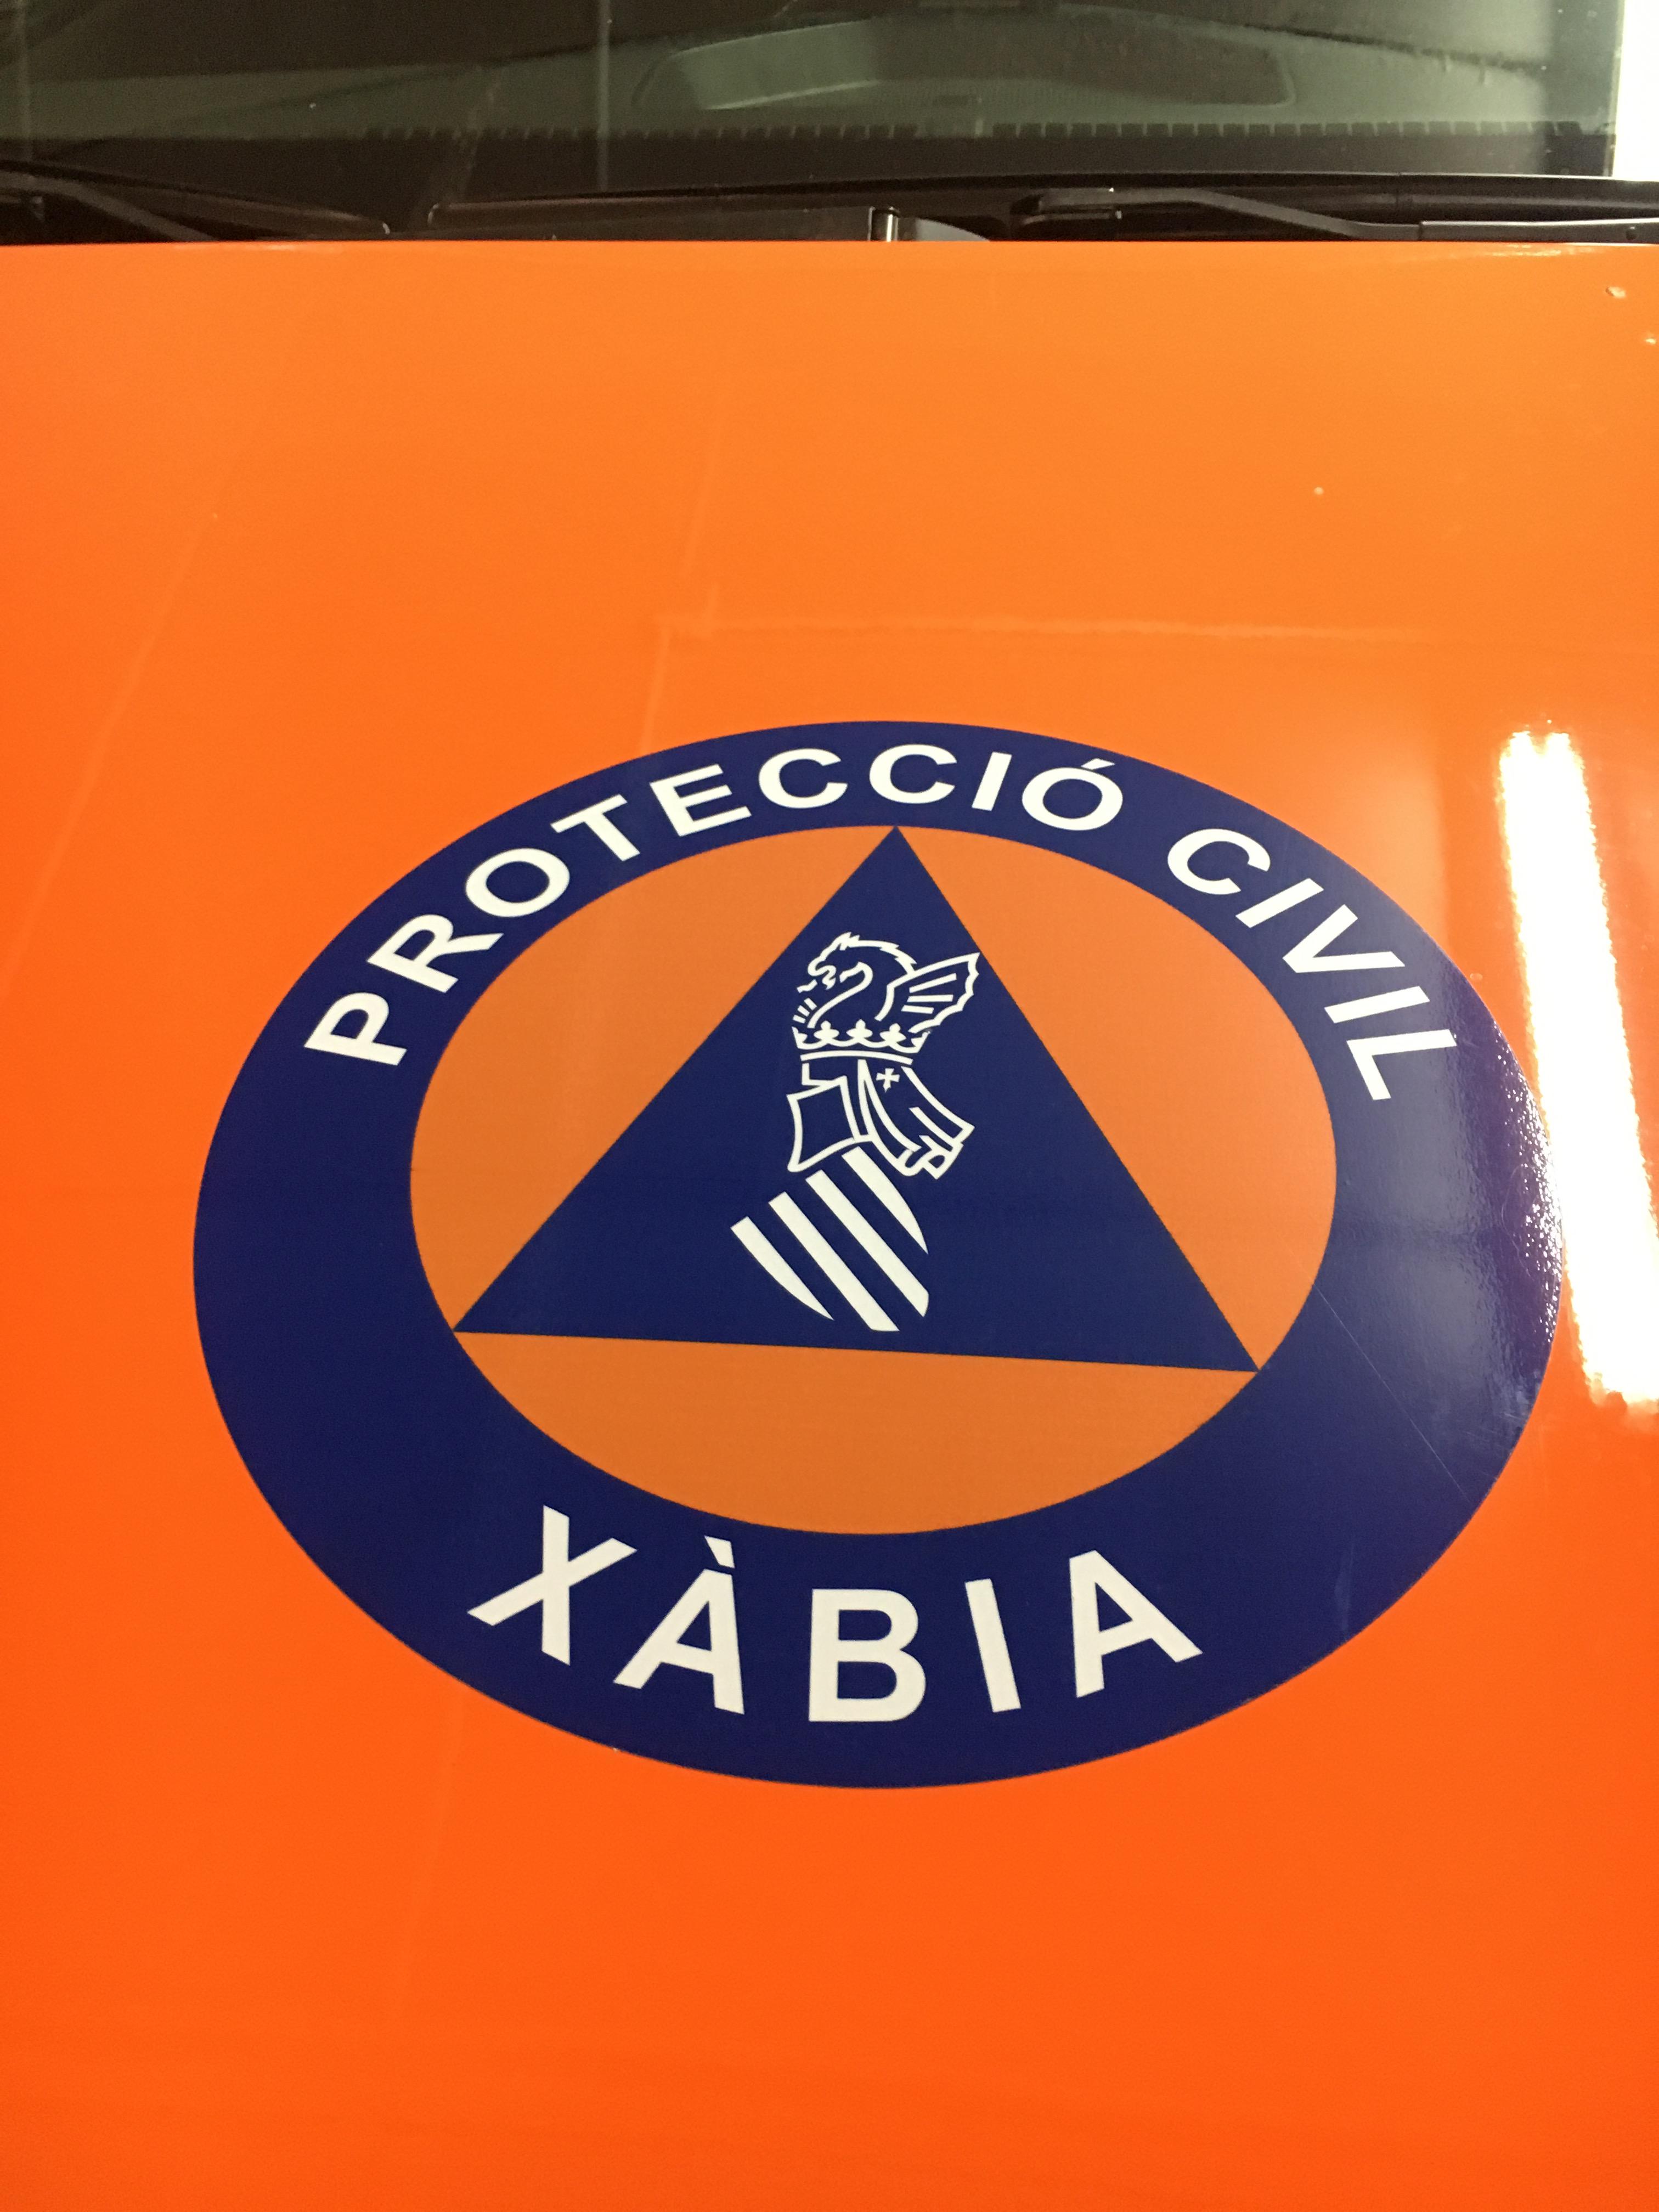 PROTECCIÓN CIVIL XÀBIA